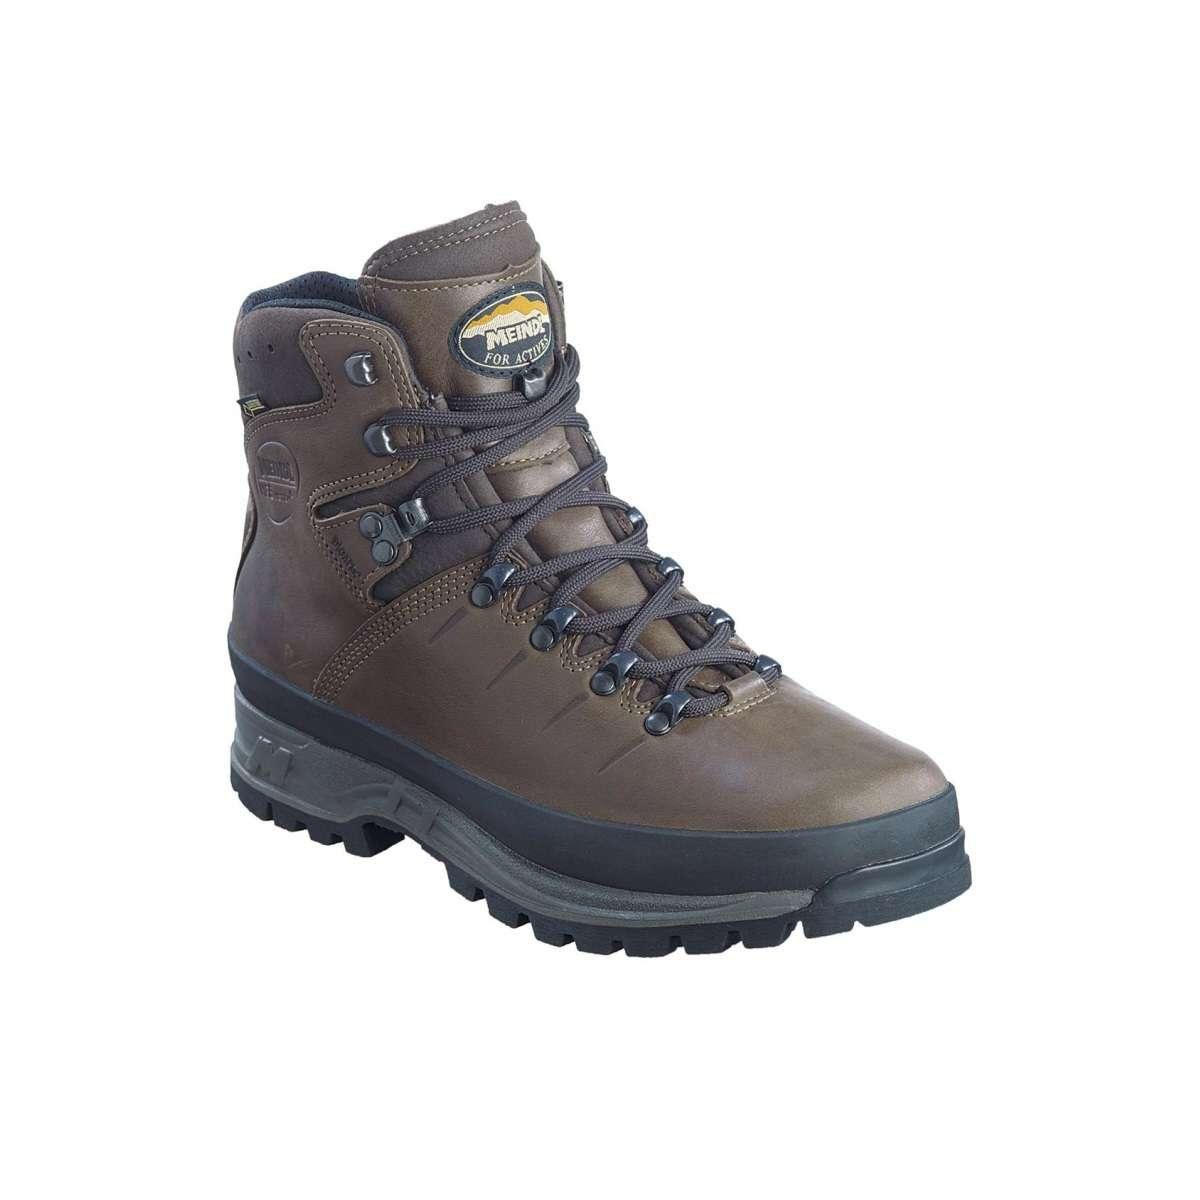 キャンプ用品 ブータンメンズウォーキングブートmeindl bhutan mfs men  mens leather walking boot  goretex